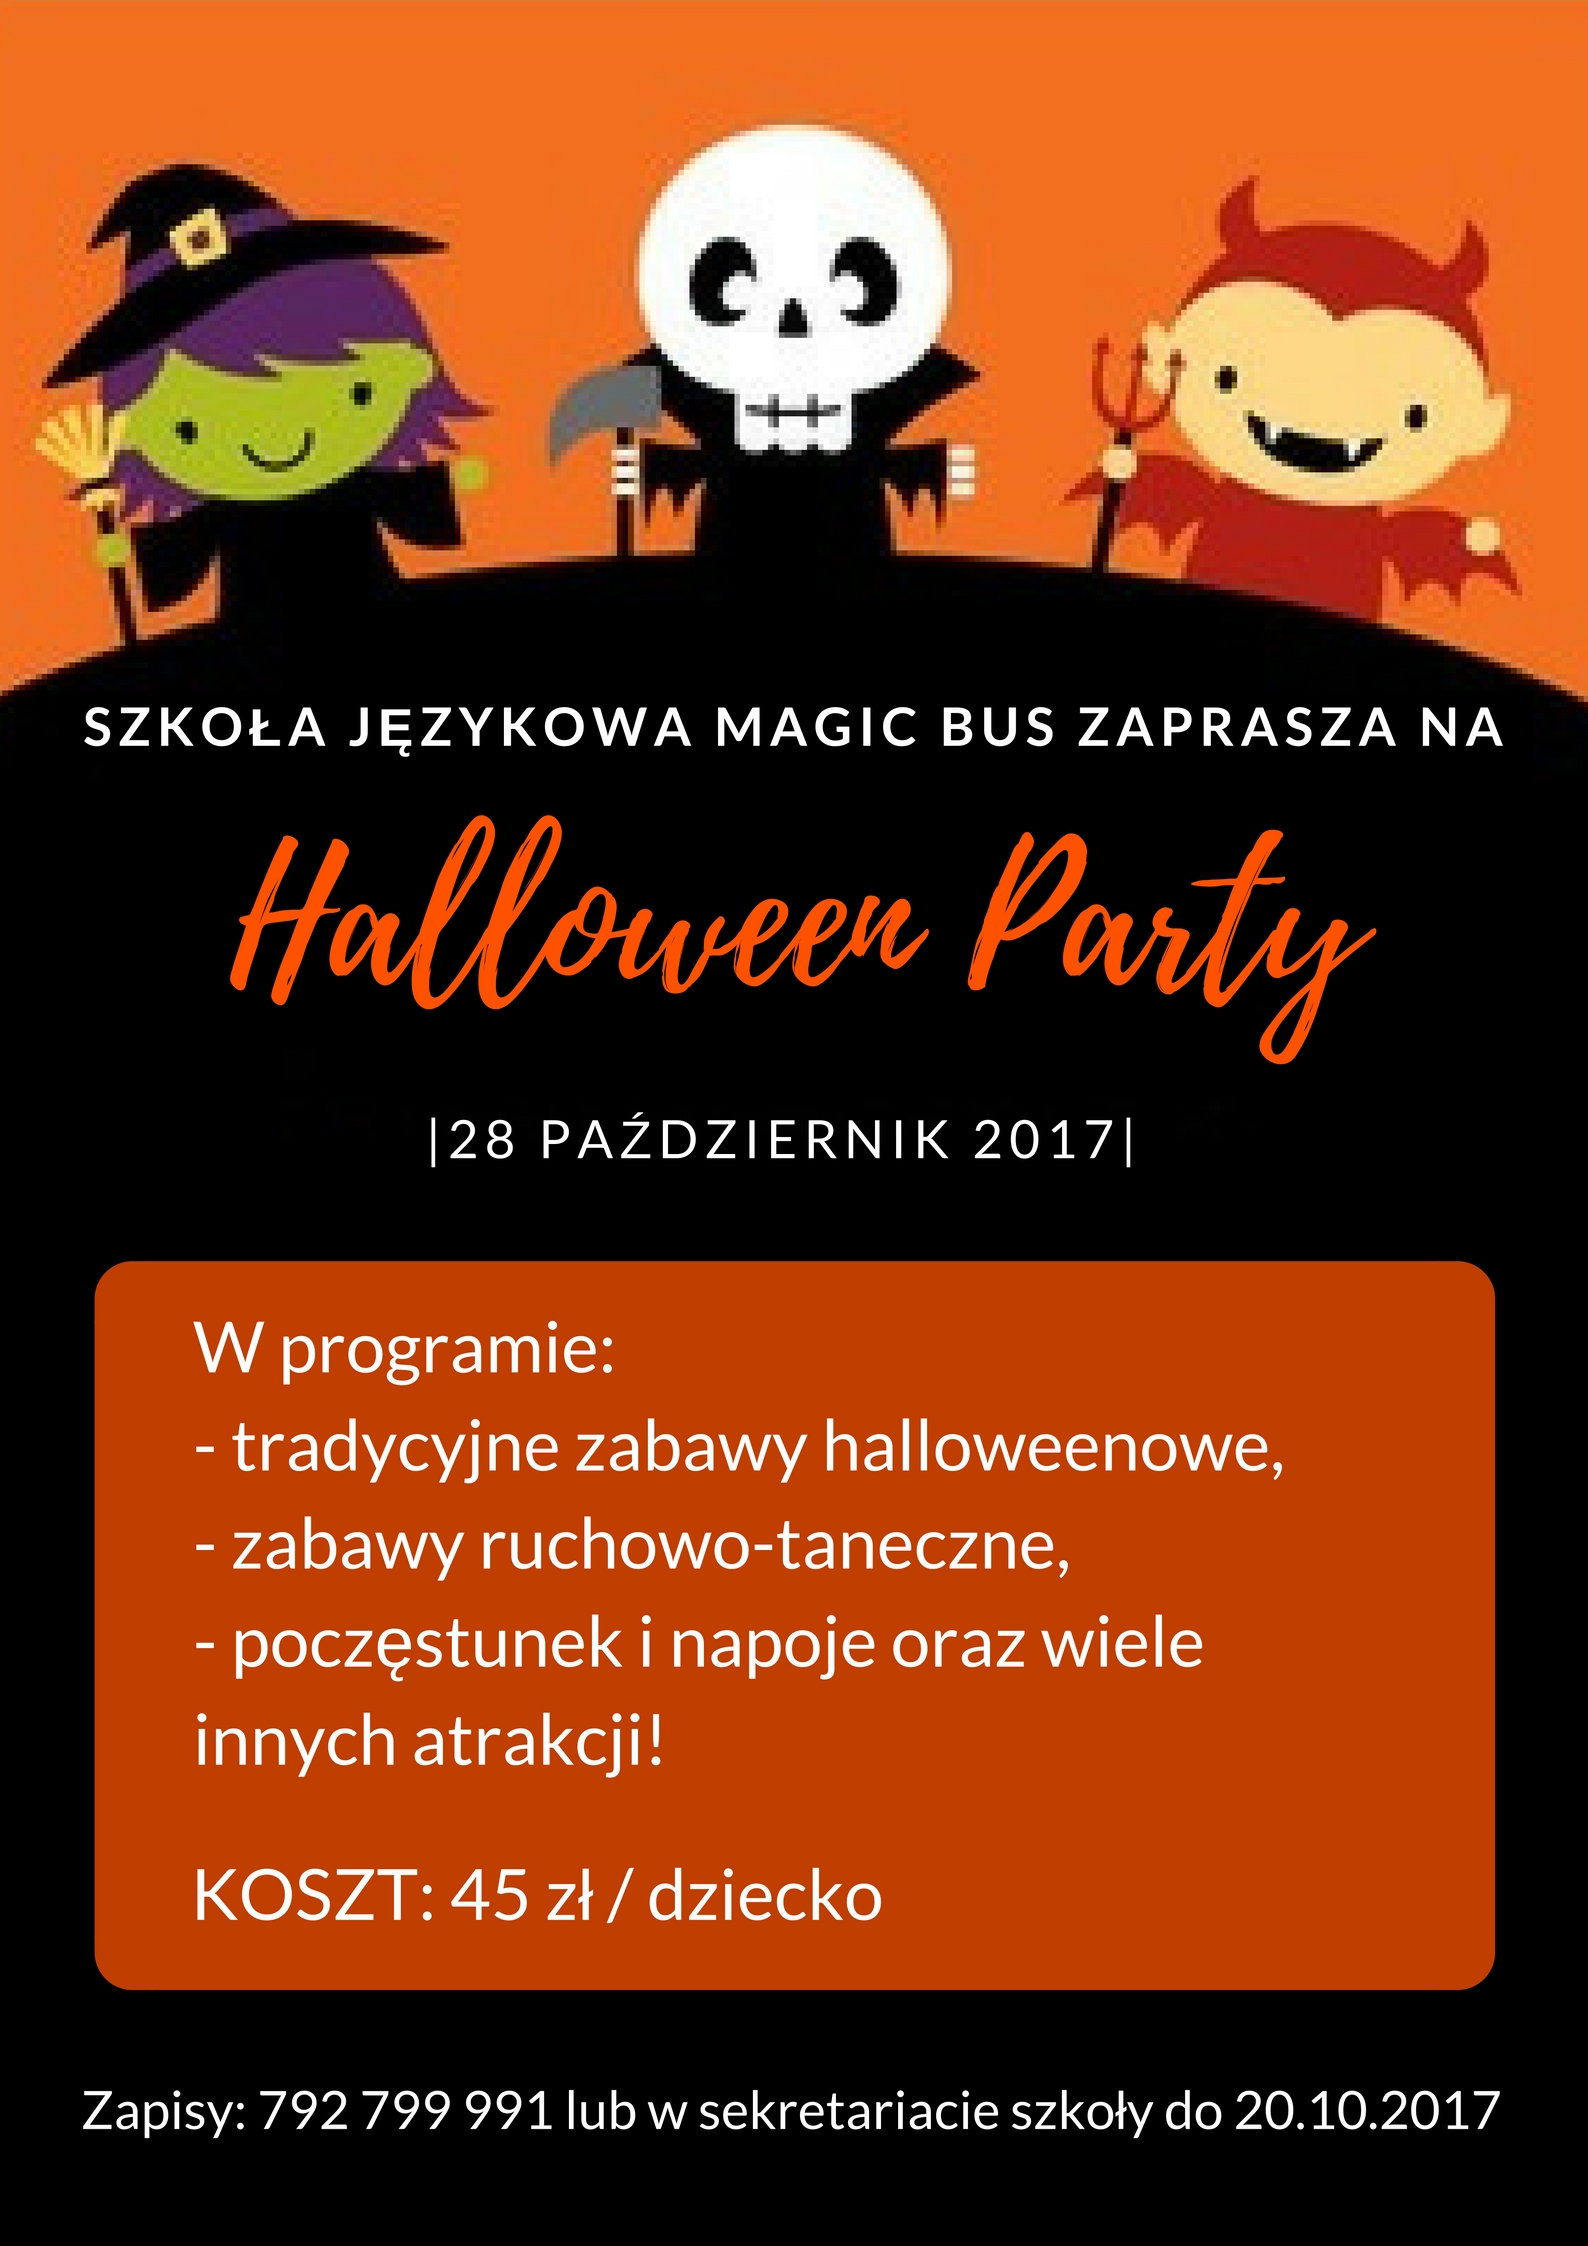 Zapraszamy Na Halloween Party 2017 Magic Bus English For Kids